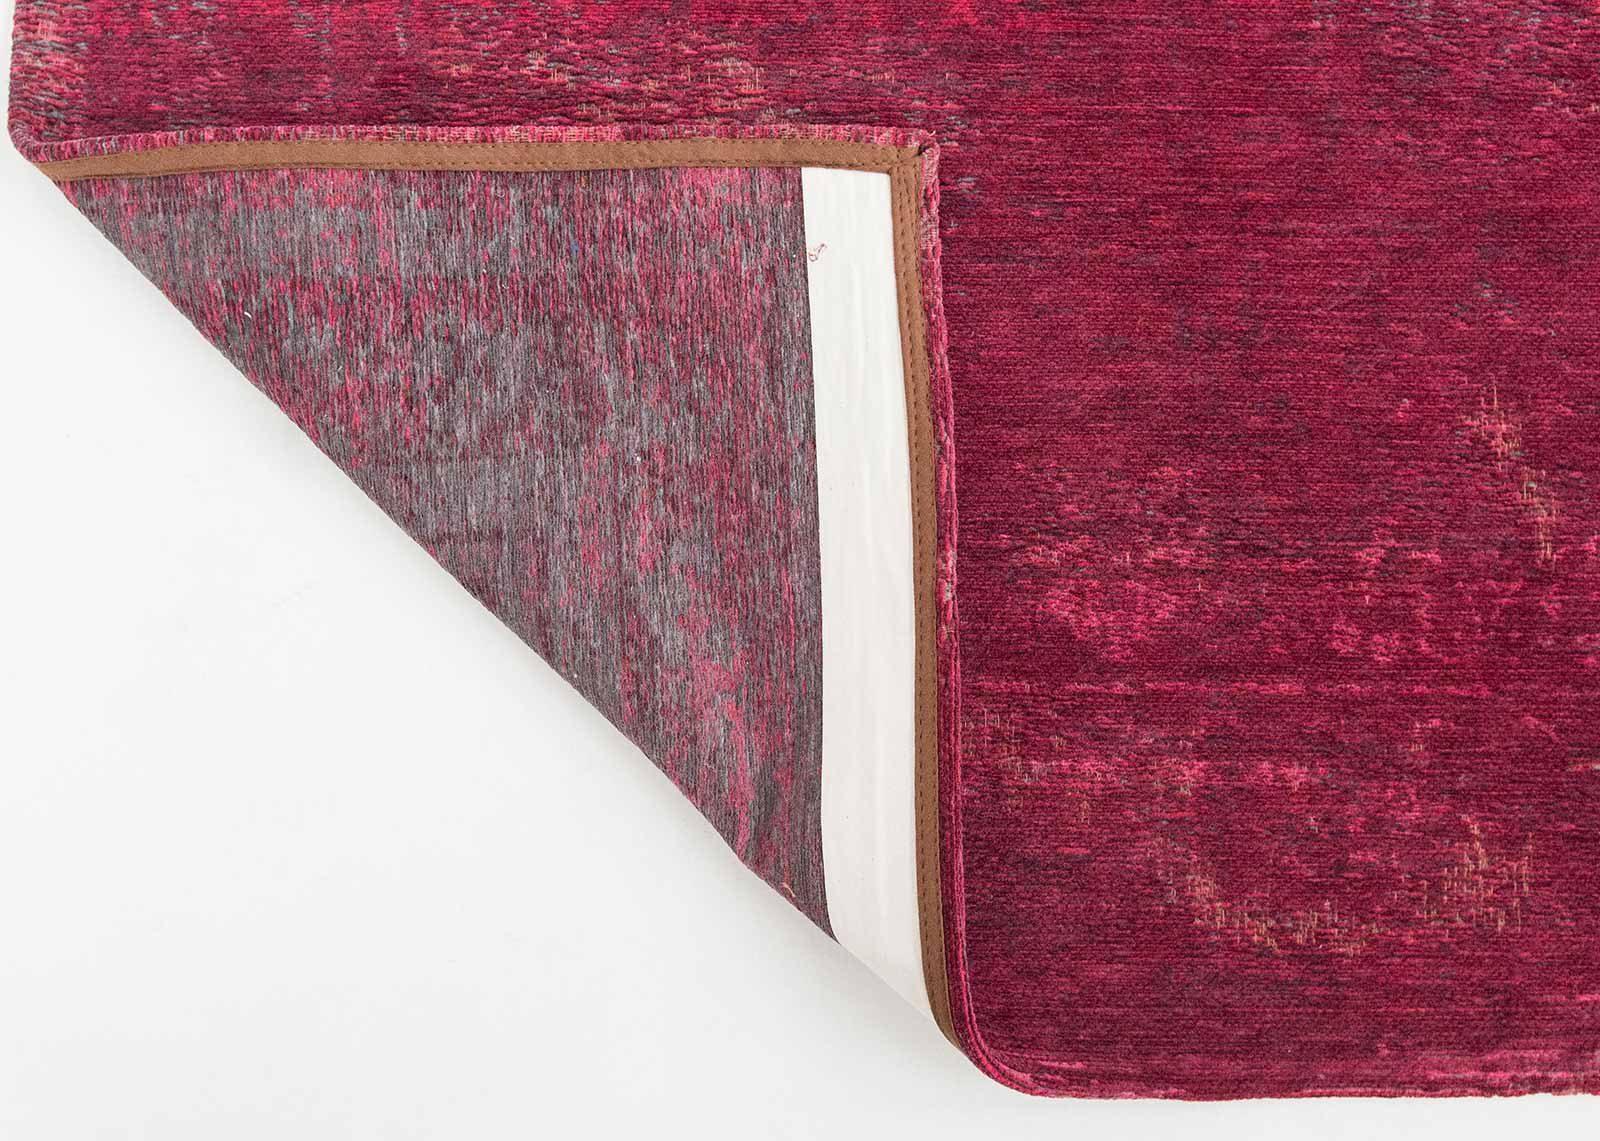 vloerkleed Louis De Poortere LX8260 Fading World Medaillon Scarlet back